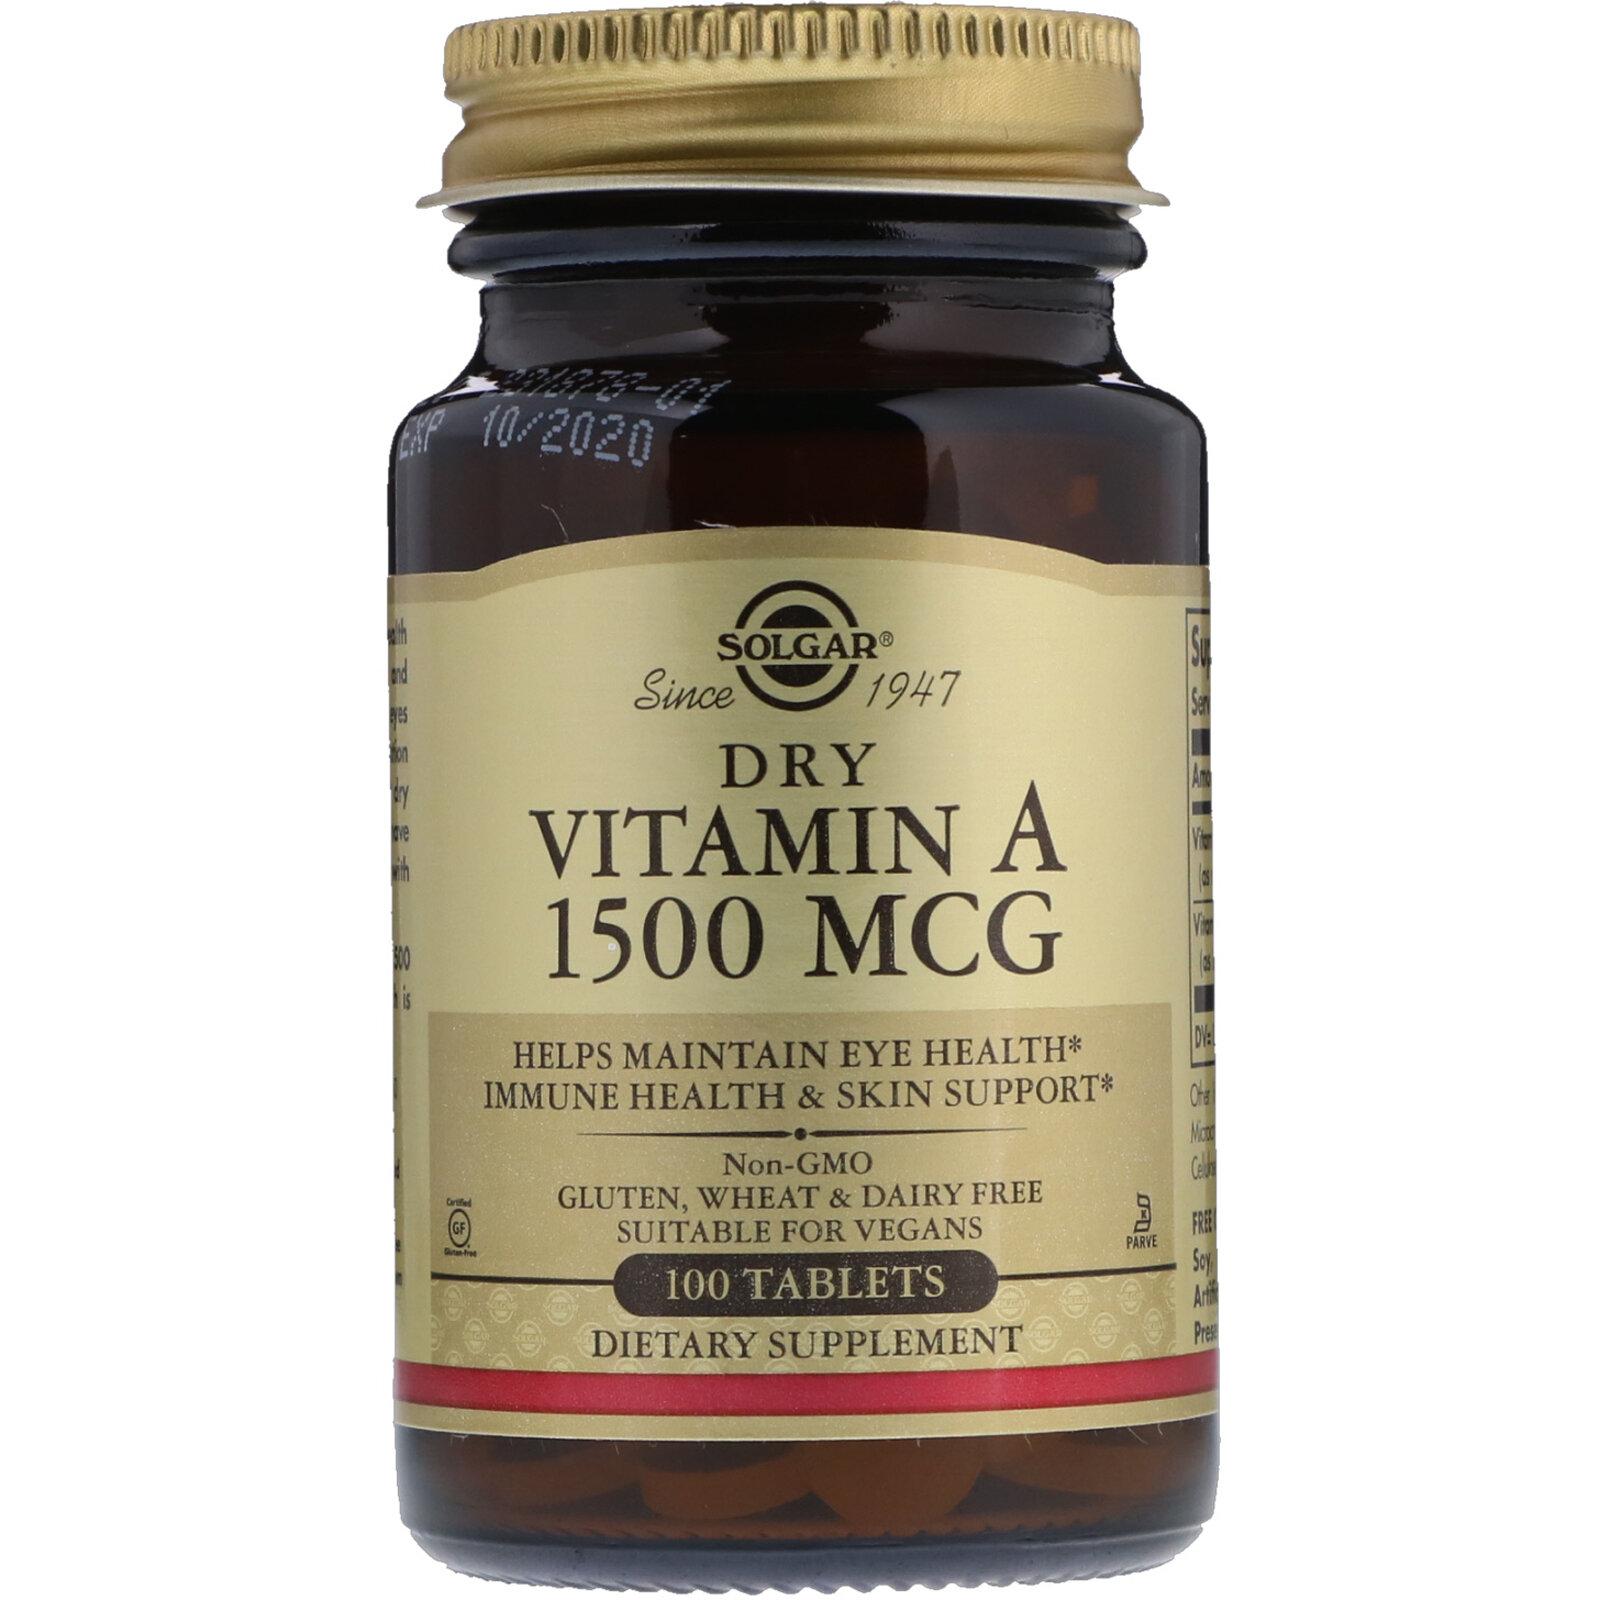 Solgar Сухой витамин А, 1500 мкг, 100 таблеток